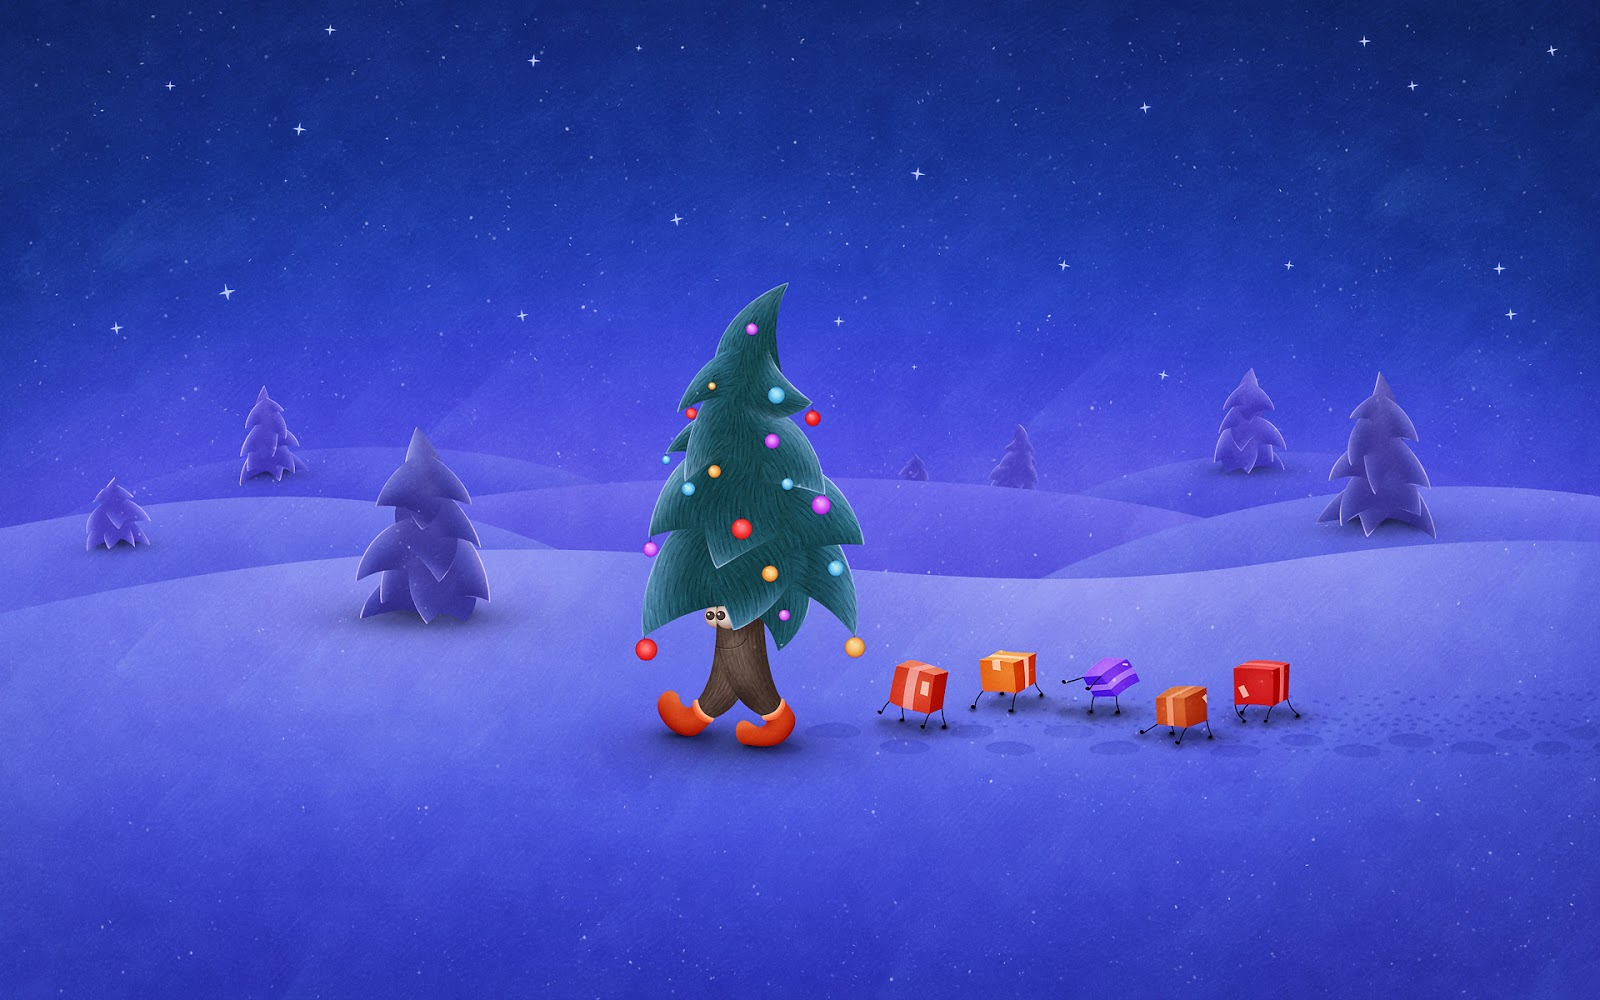 Imagenes hilandy fondo de pantalla navidad animada - Fondos de escritorio animados ...